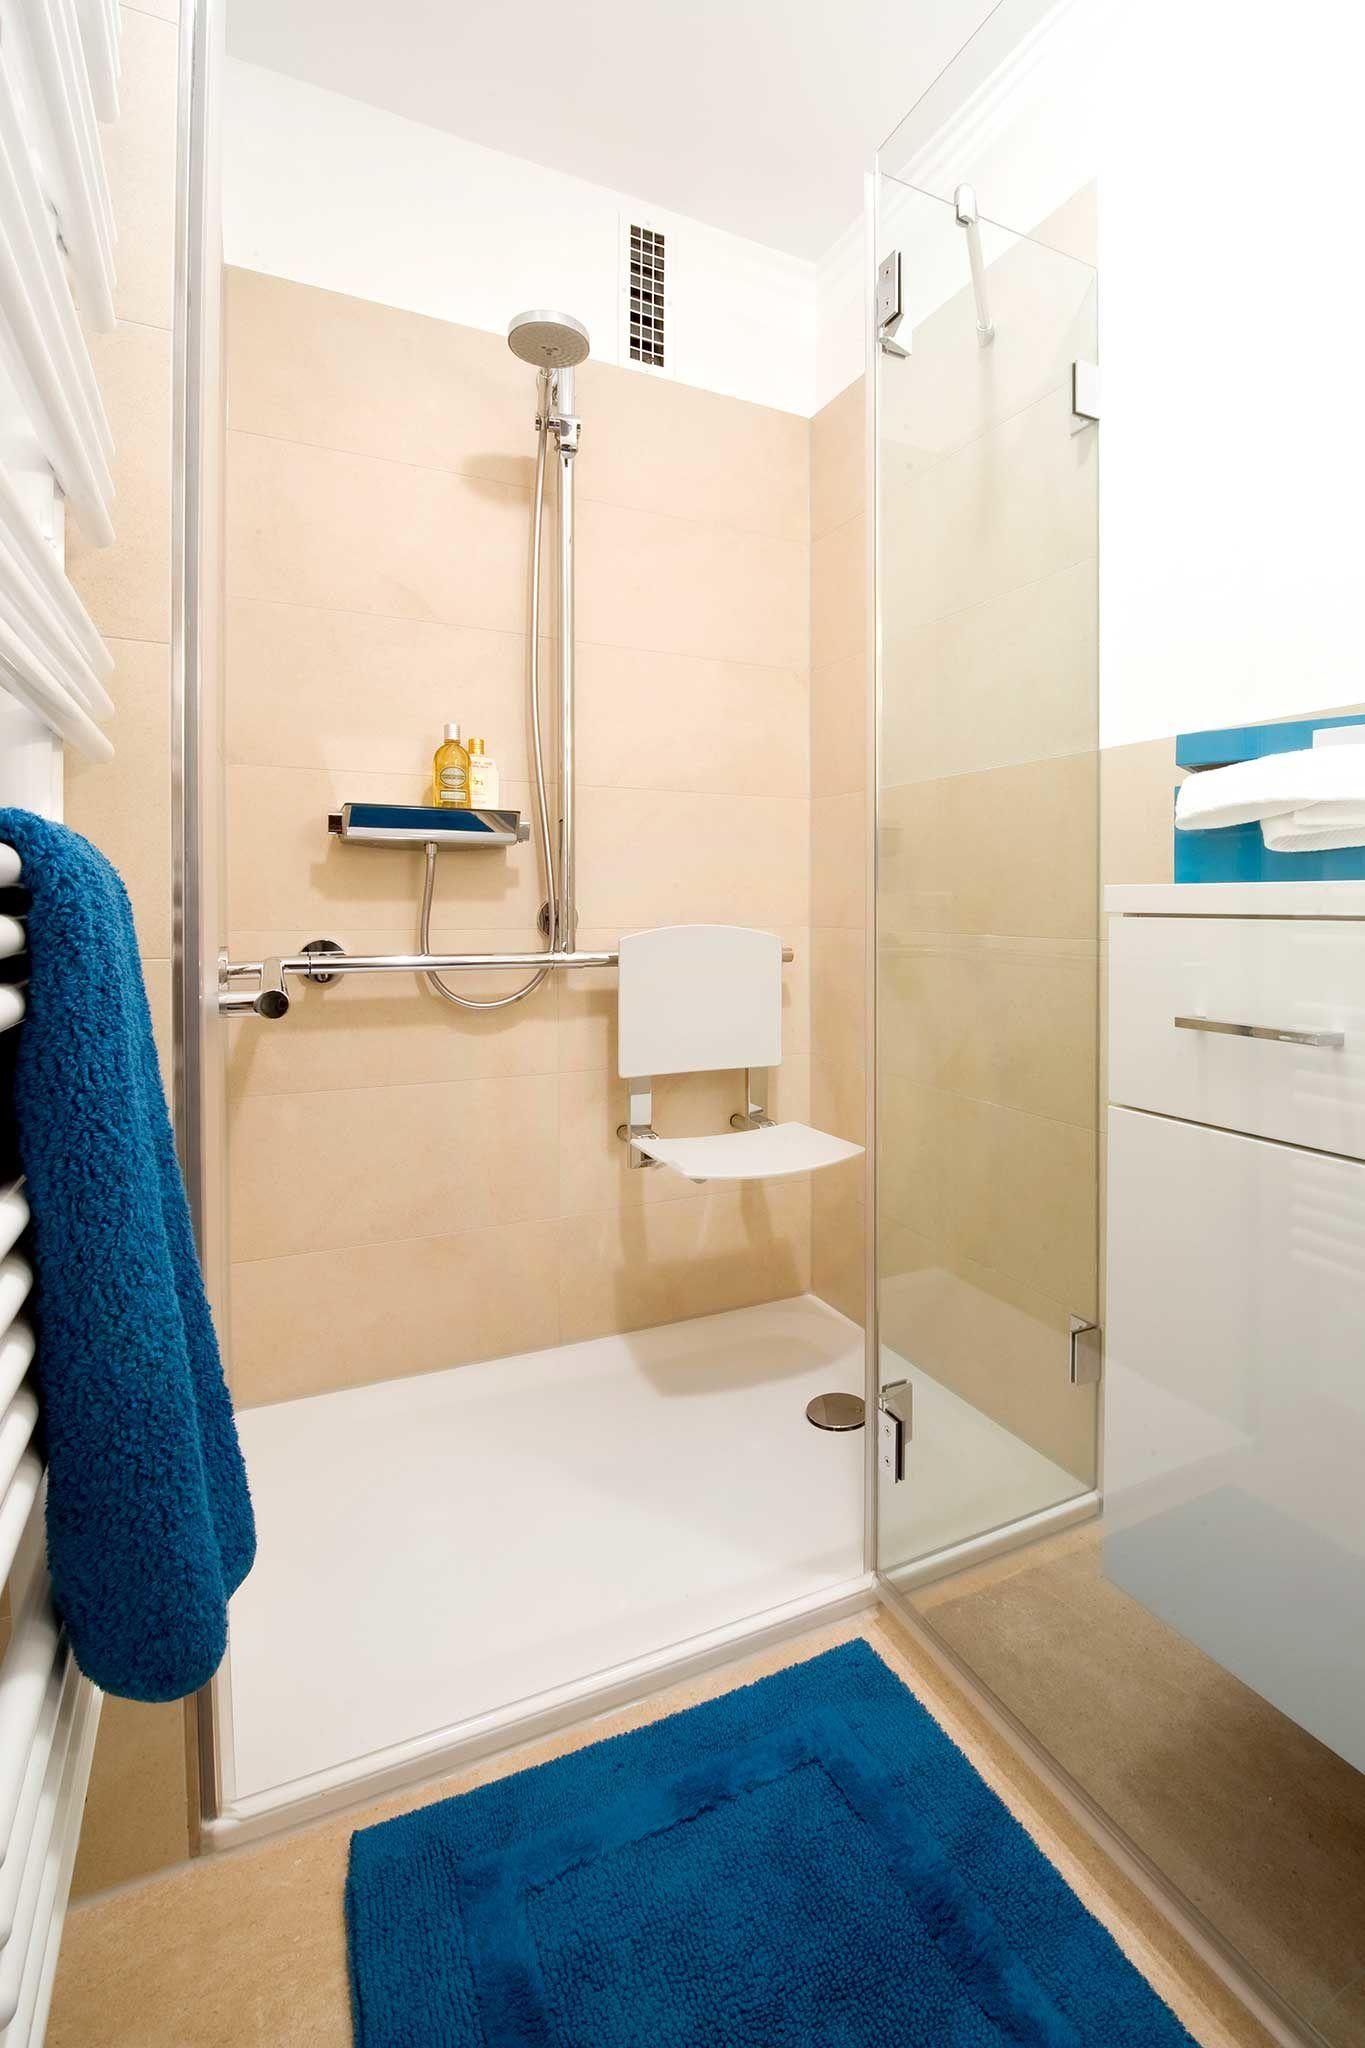 Heimwohl Badezimmer Badezimmer Dusche Klappsitz